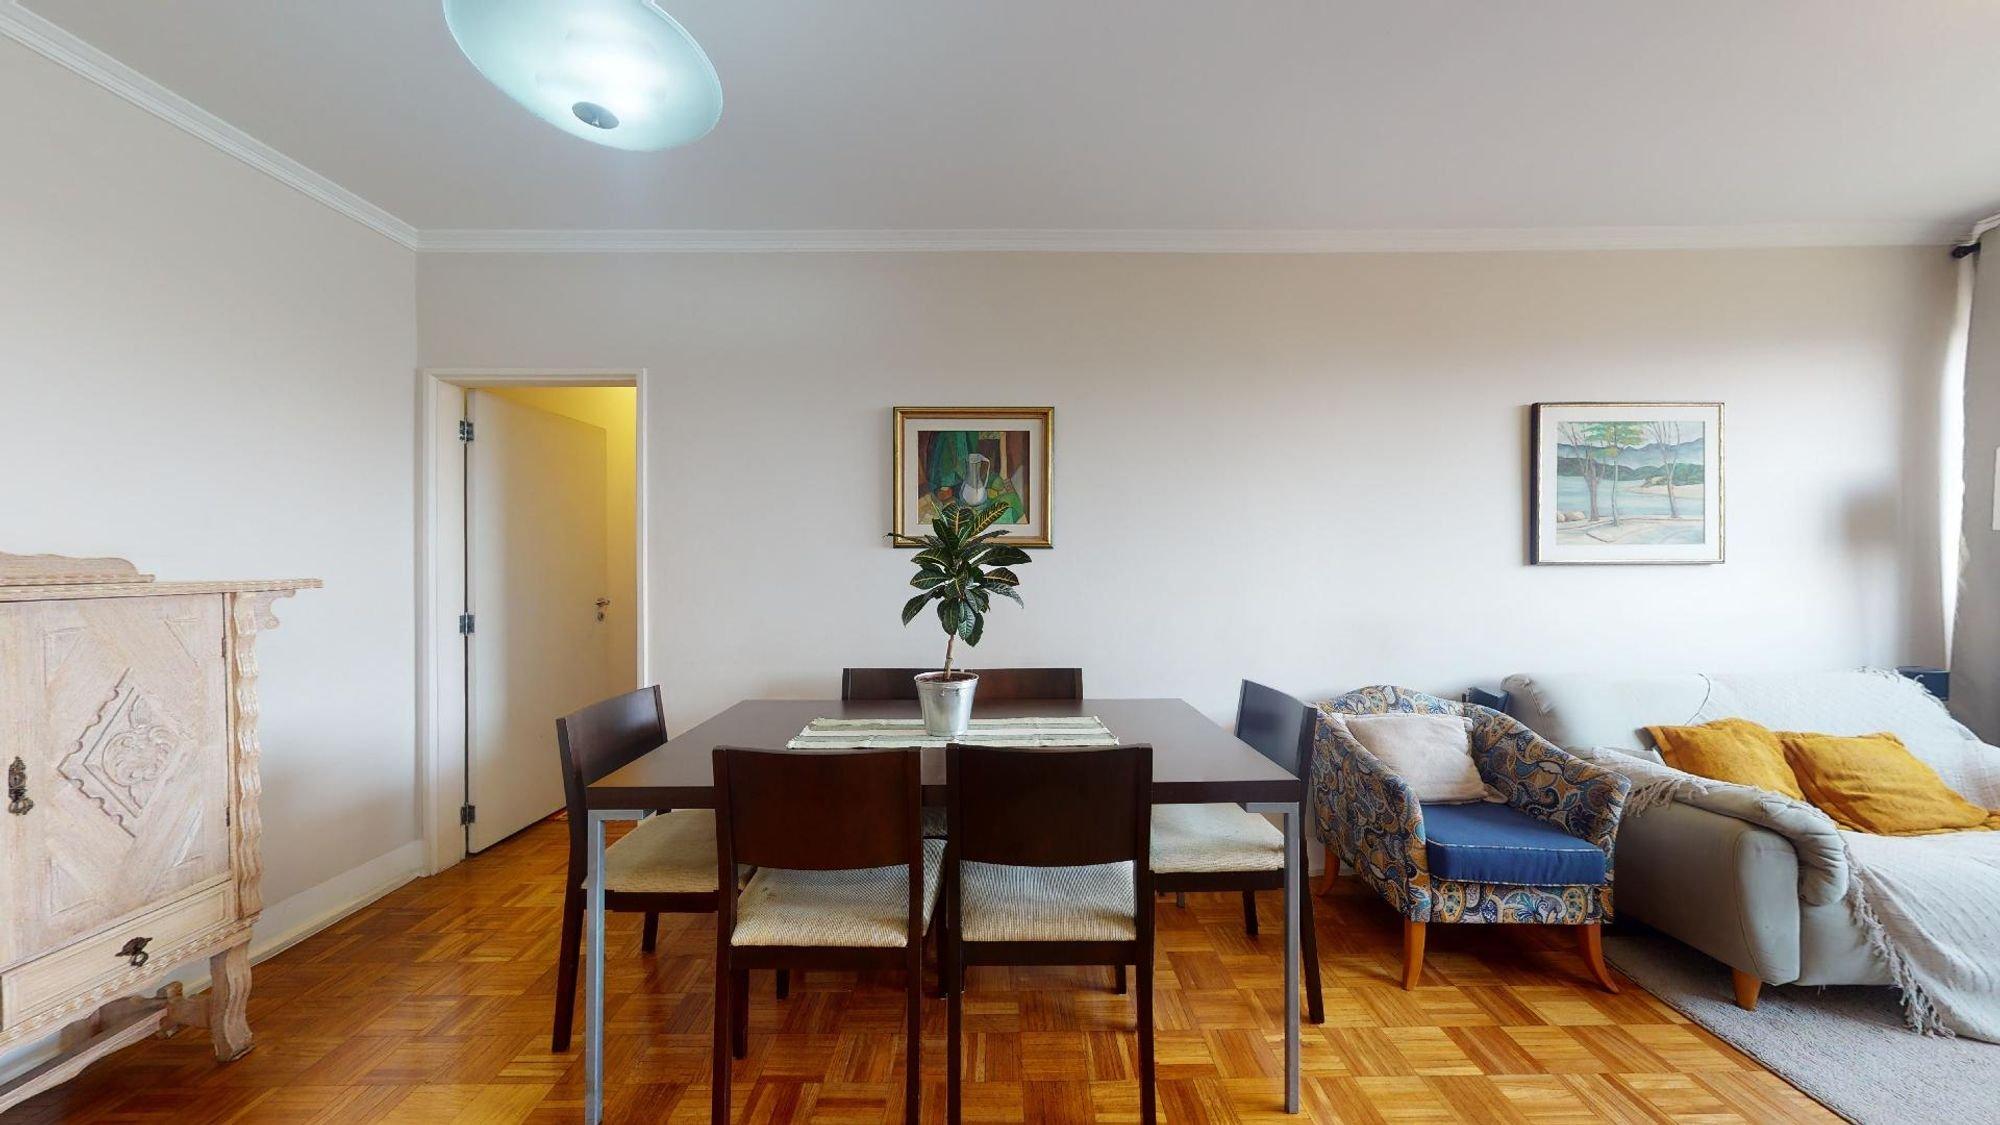 Foto de Sala com vaso de planta, sofá, cadeira, mesa de jantar, xícara